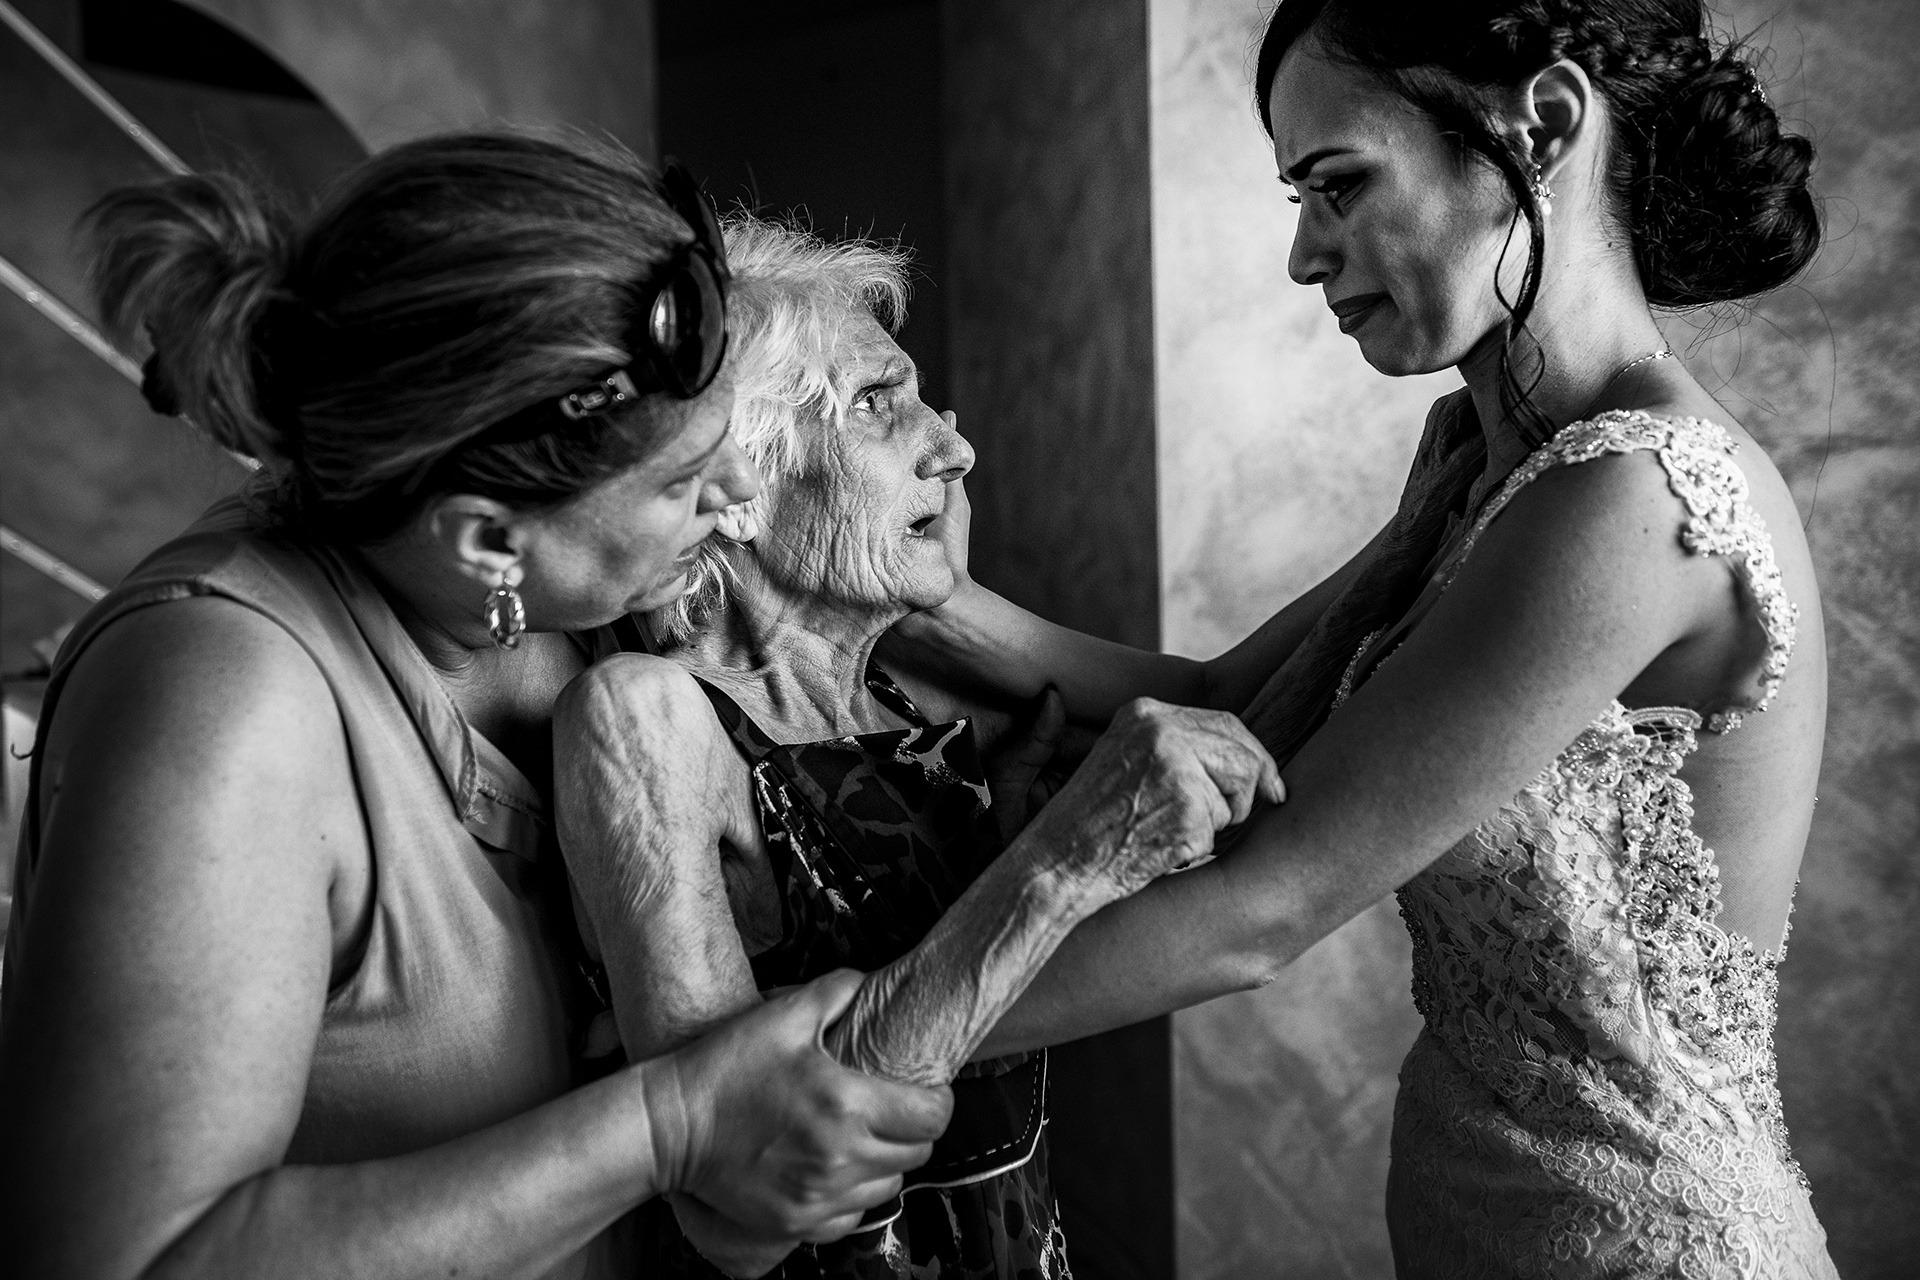 Bruiloft Fotojournalist vangt generaties | De bruid deelt een moment met haar moeder en grootmoeder voor de ceremonie